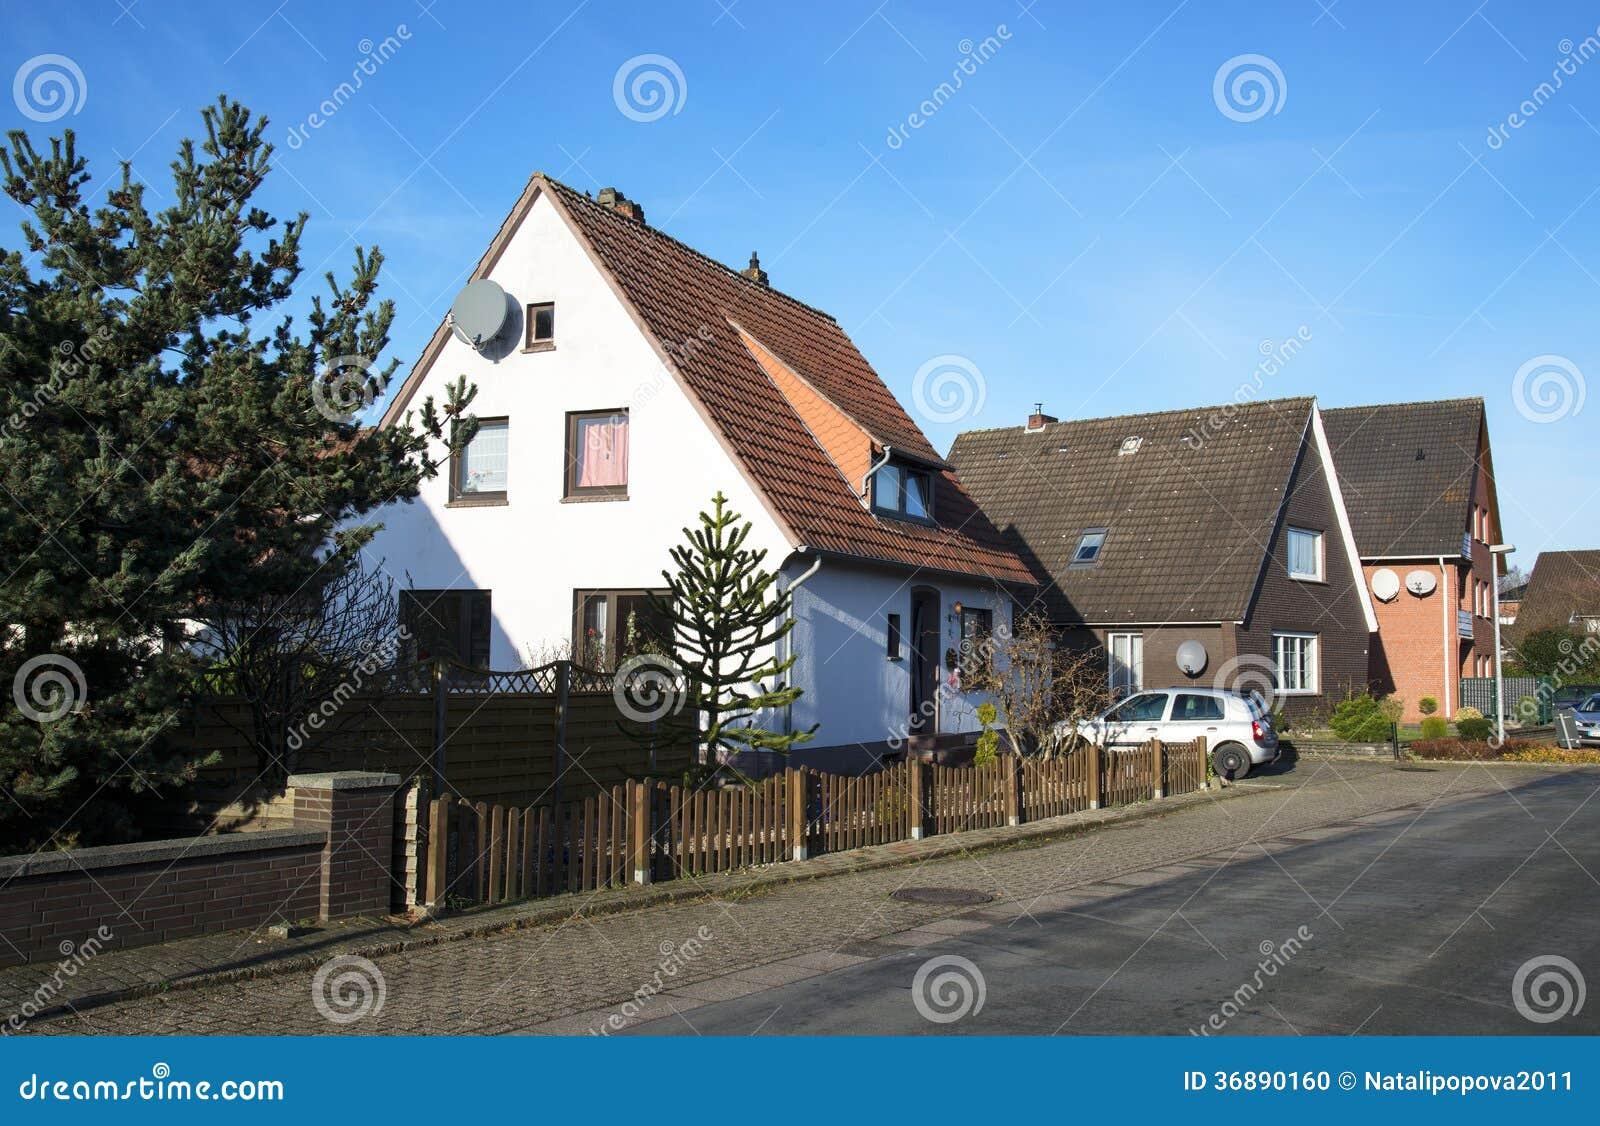 Download Via in Germania fotografia stock. Immagine di cuoio, culturale - 36890160